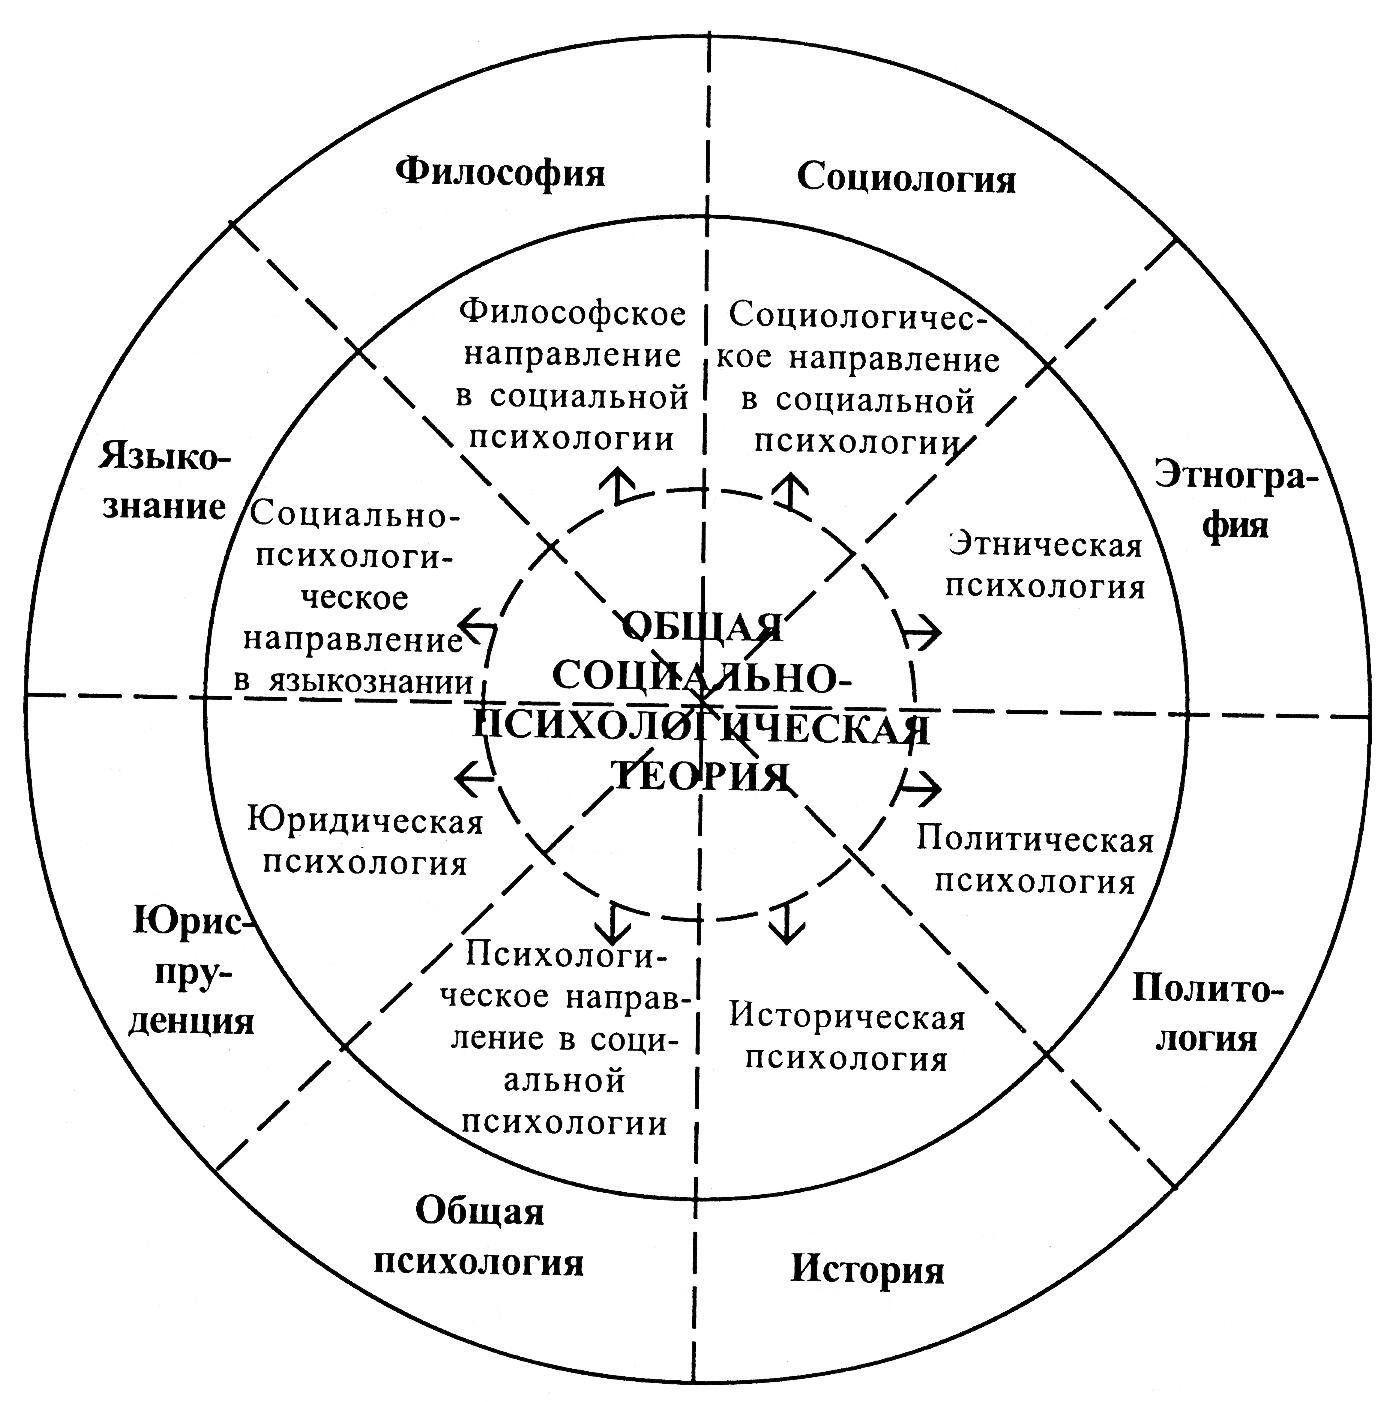 Что изучает предмет социальной психологии: чем занимается, основные задачи и методы